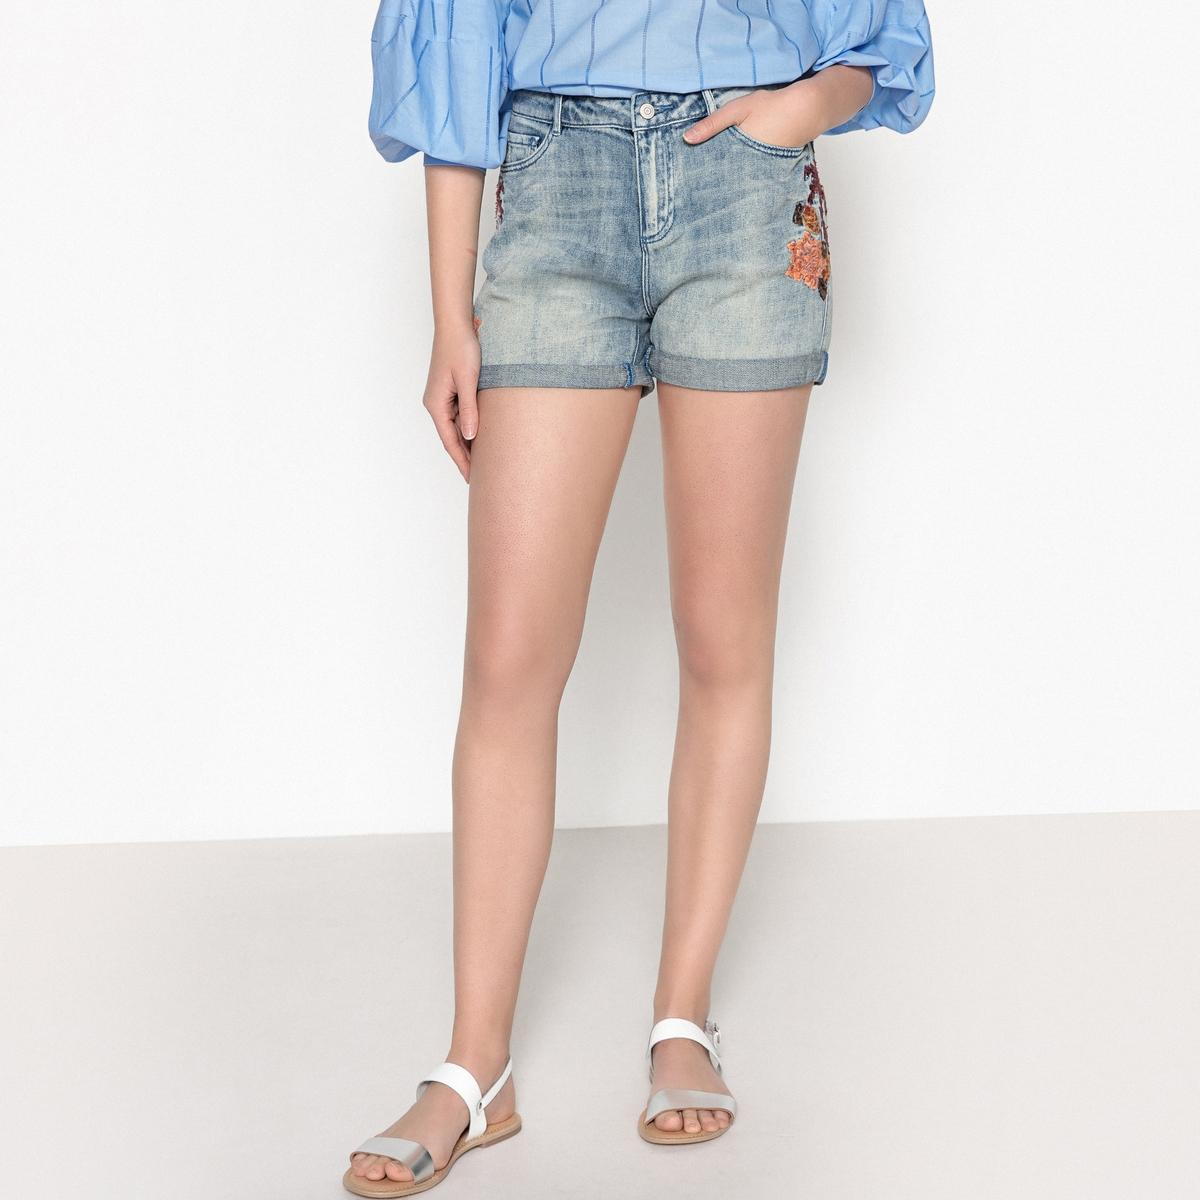 Шорты джинсовые короткие с вышивкой maison scotch maison scotch 133 1621 0351131250 c